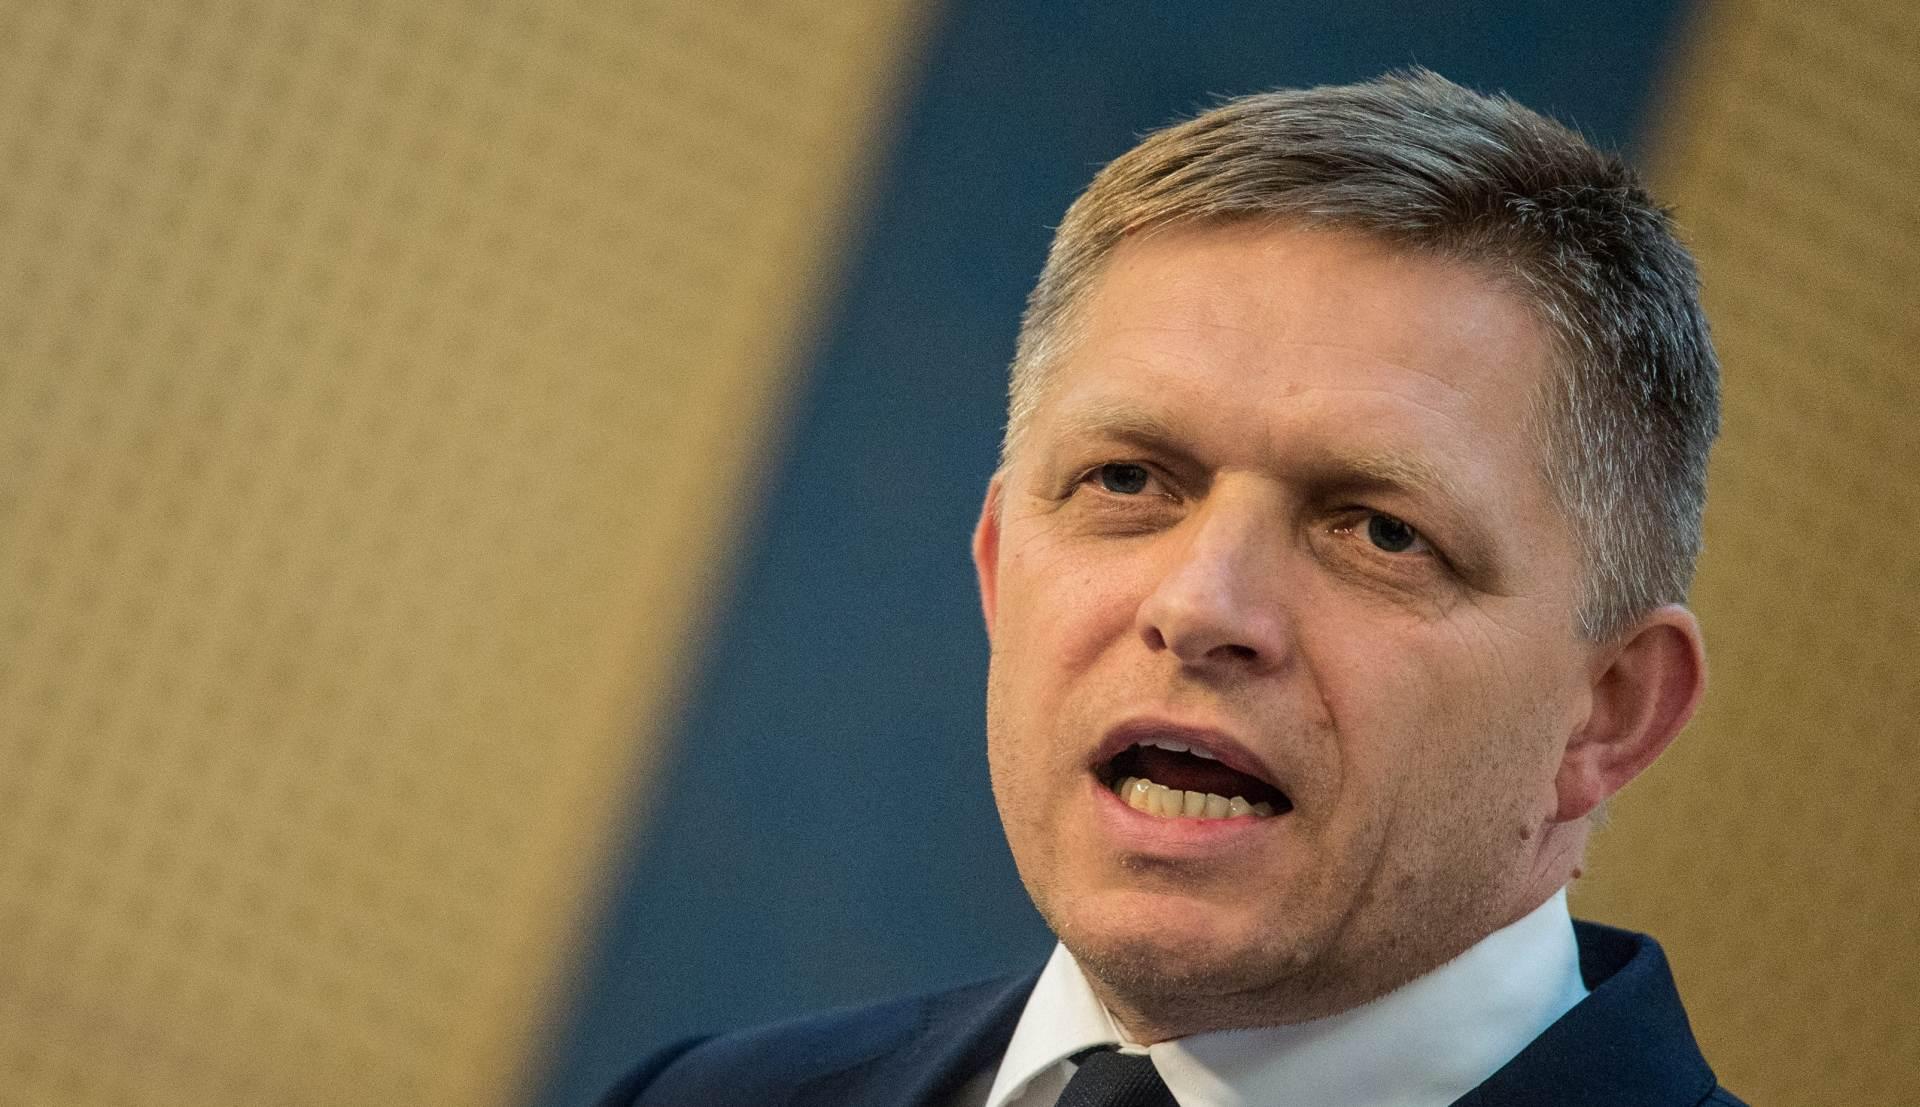 Bivši slovački premijer Fico izazvao zgranutost trivijalizacijom rasizma